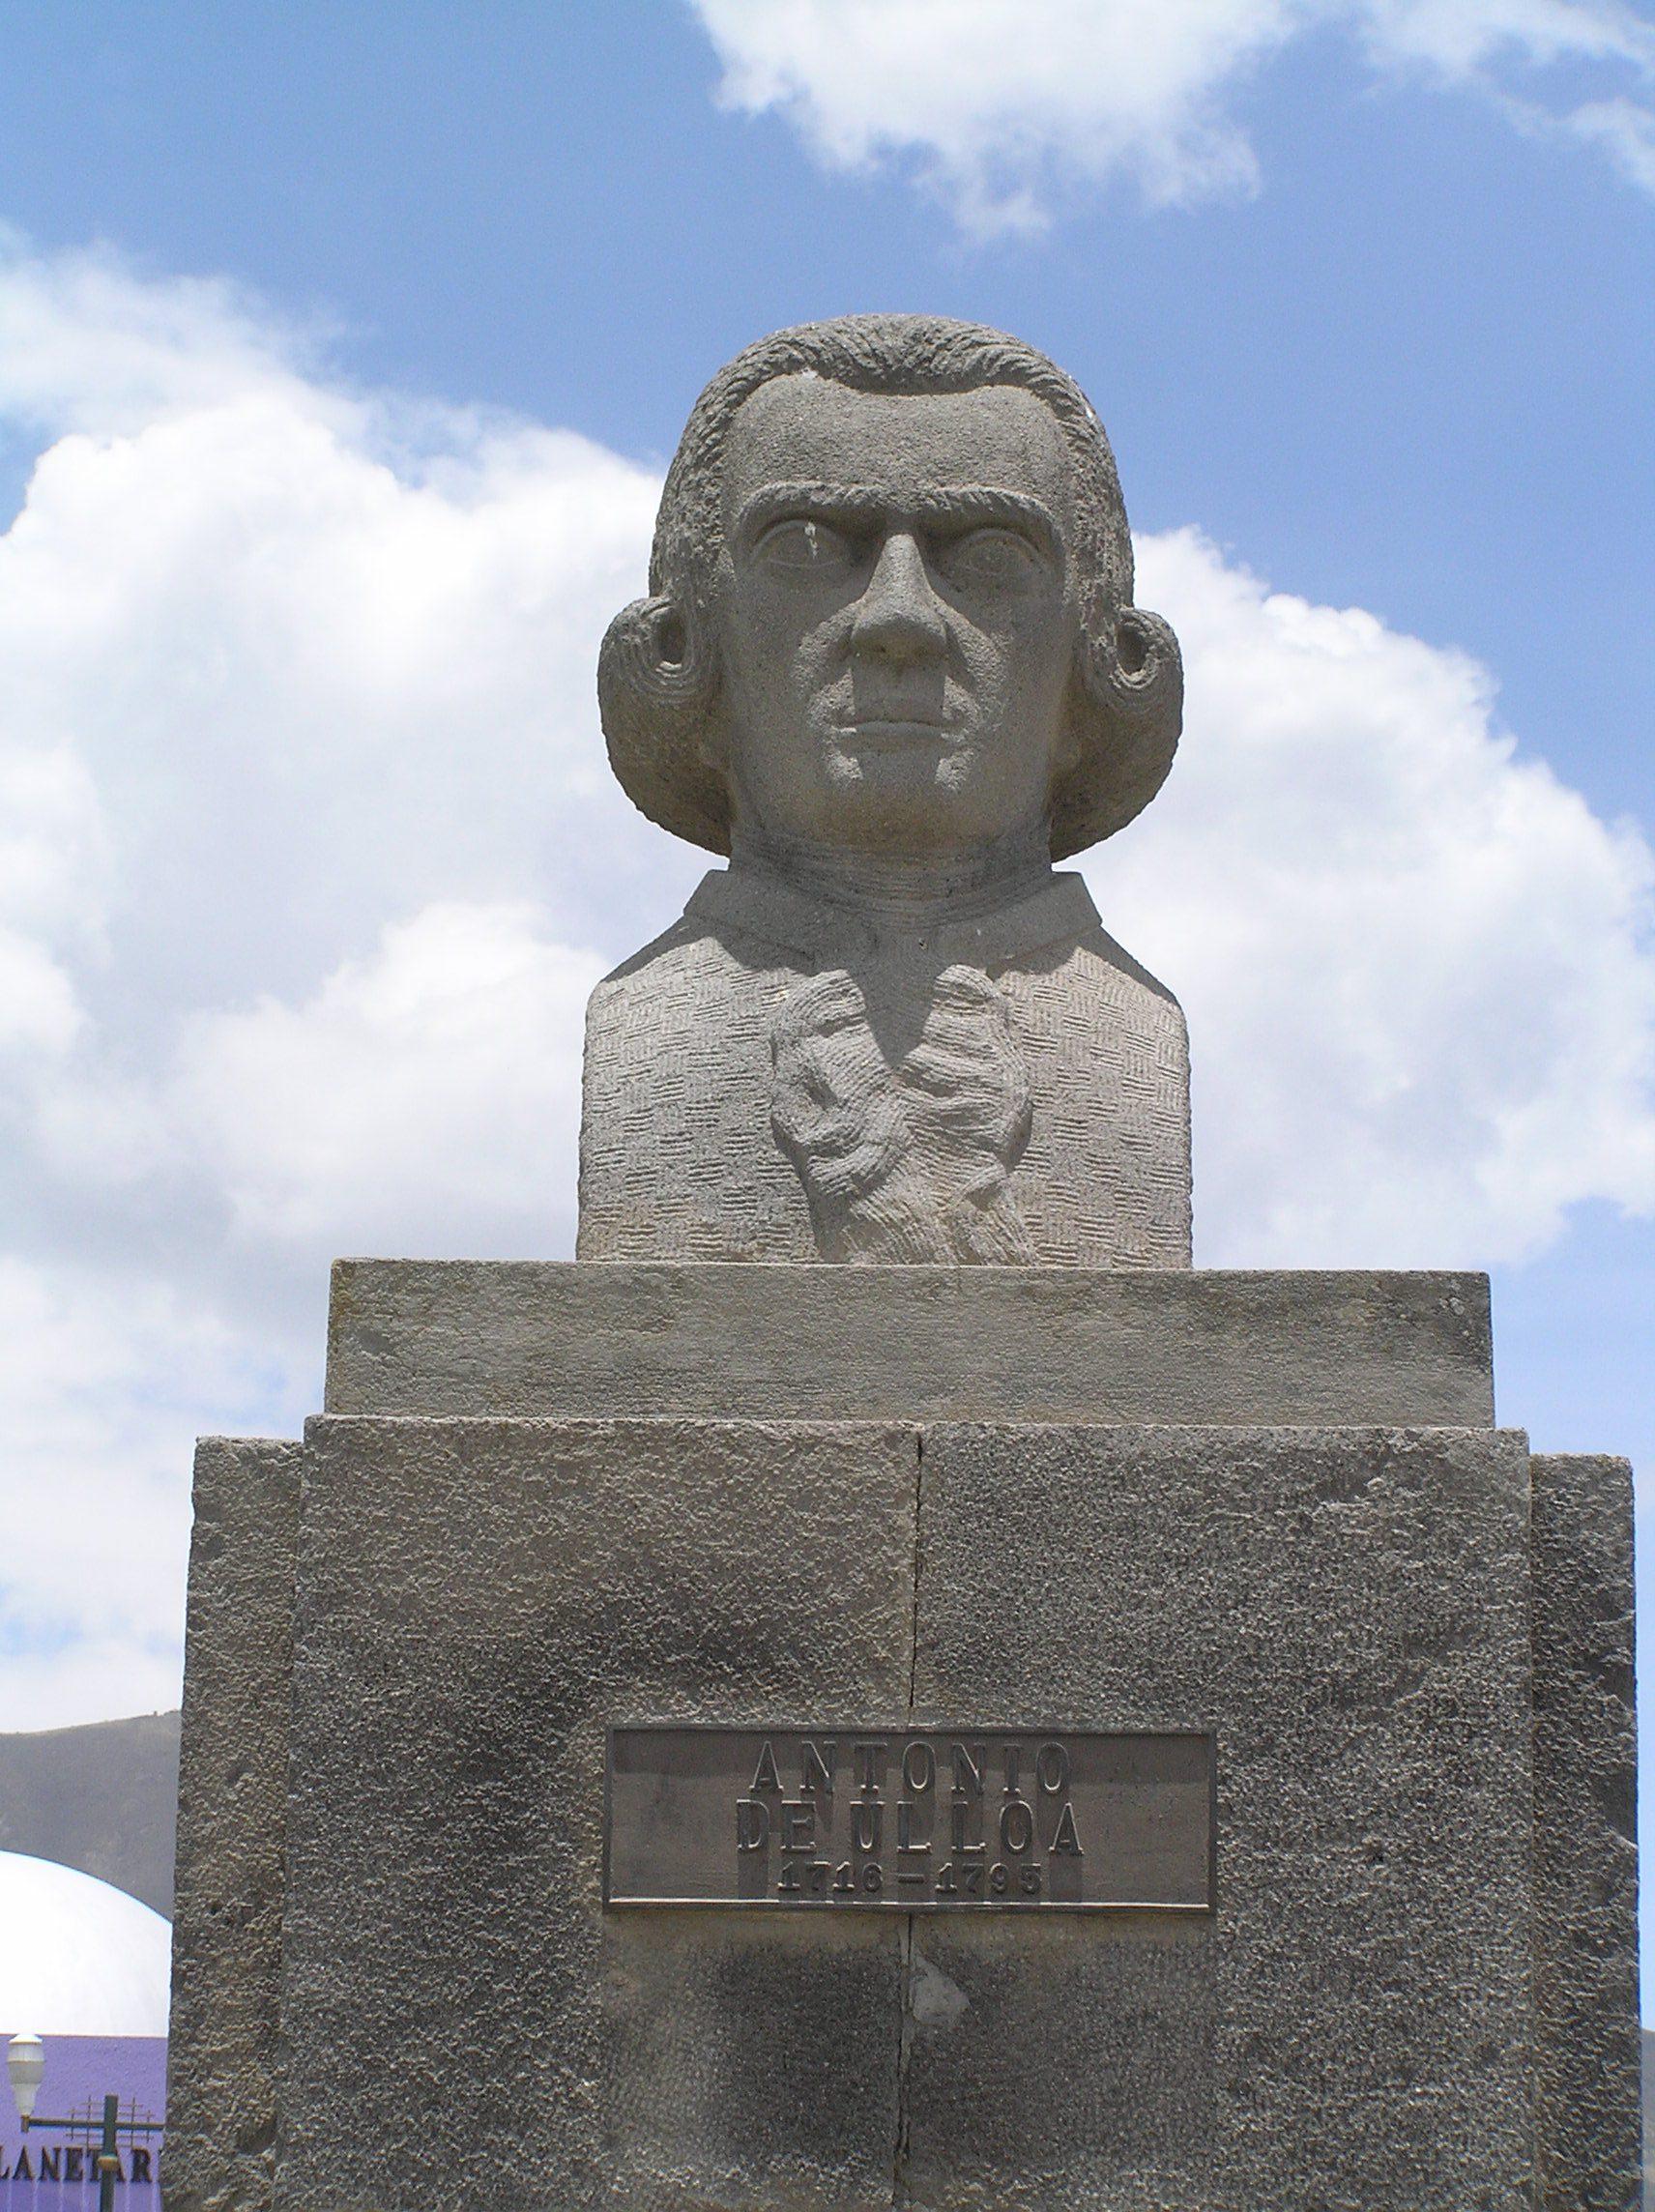 Antonio De Ulloa's Relación Histórica Del Viage A La